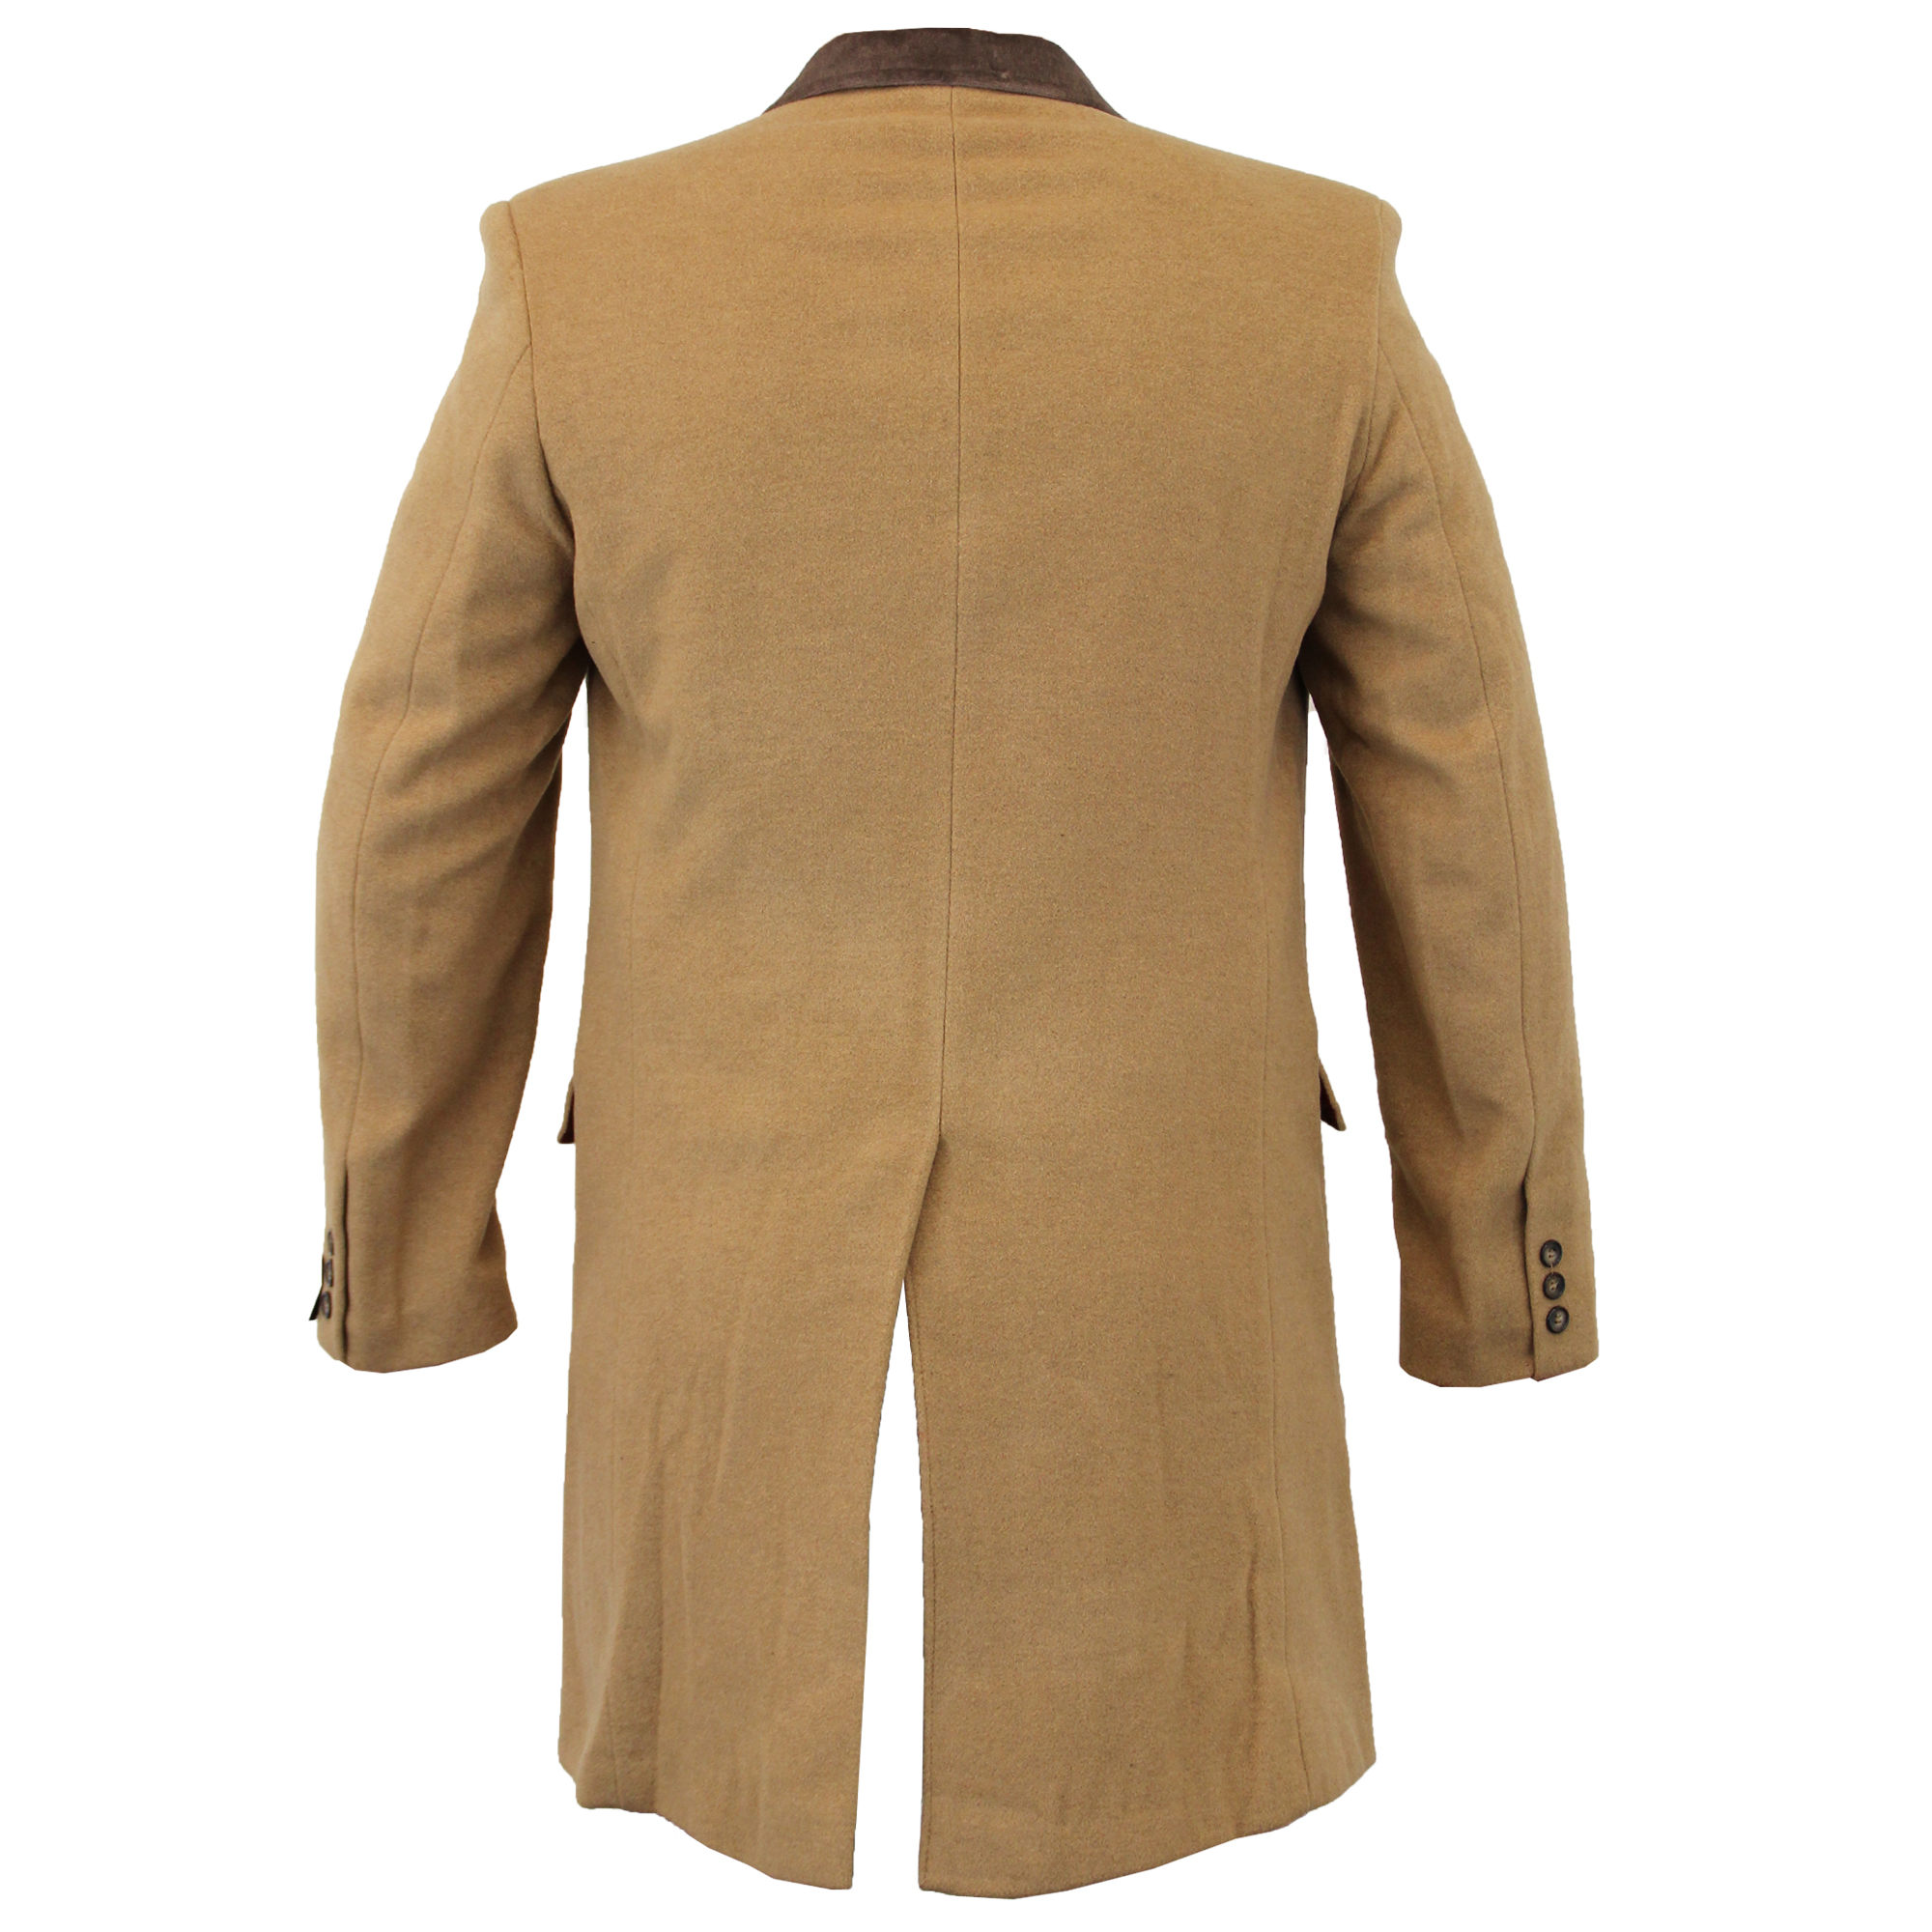 Para-Hombre-Abrigo-Chaqueta-de-lana-cashmere-Casual-abrigos-Abrigo-Trench-Forro-De-Invierno miniatura 11